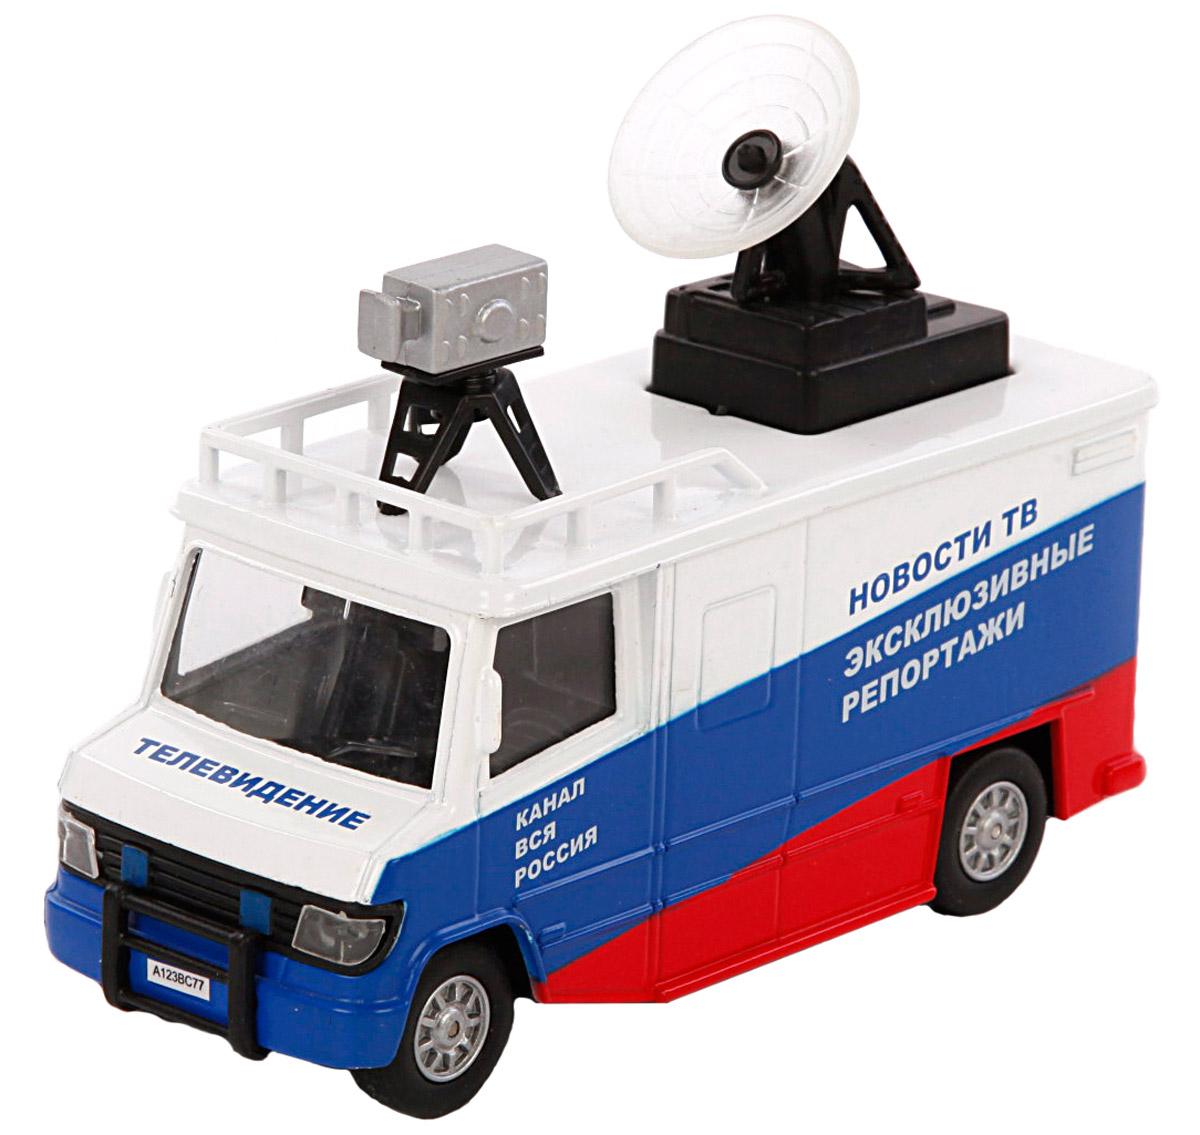 Пламенный мотор Машина Телевидение Новости Эксклюзивные репортажи870063По дорогам России - это серия коллекционных металлических моделей ТМ Пламенный мотор. Машинка Телевидение - это уменьшенная копия настоящей машины, которая выезжает на оперативные съемки и репортажи. На ее крыше расположены камера и антенна. Масштаб 1:32. Игрушка оснащена инерционным механизмом, двери у машинки открываются, при этом зажигается свет фар и звук двигателя.